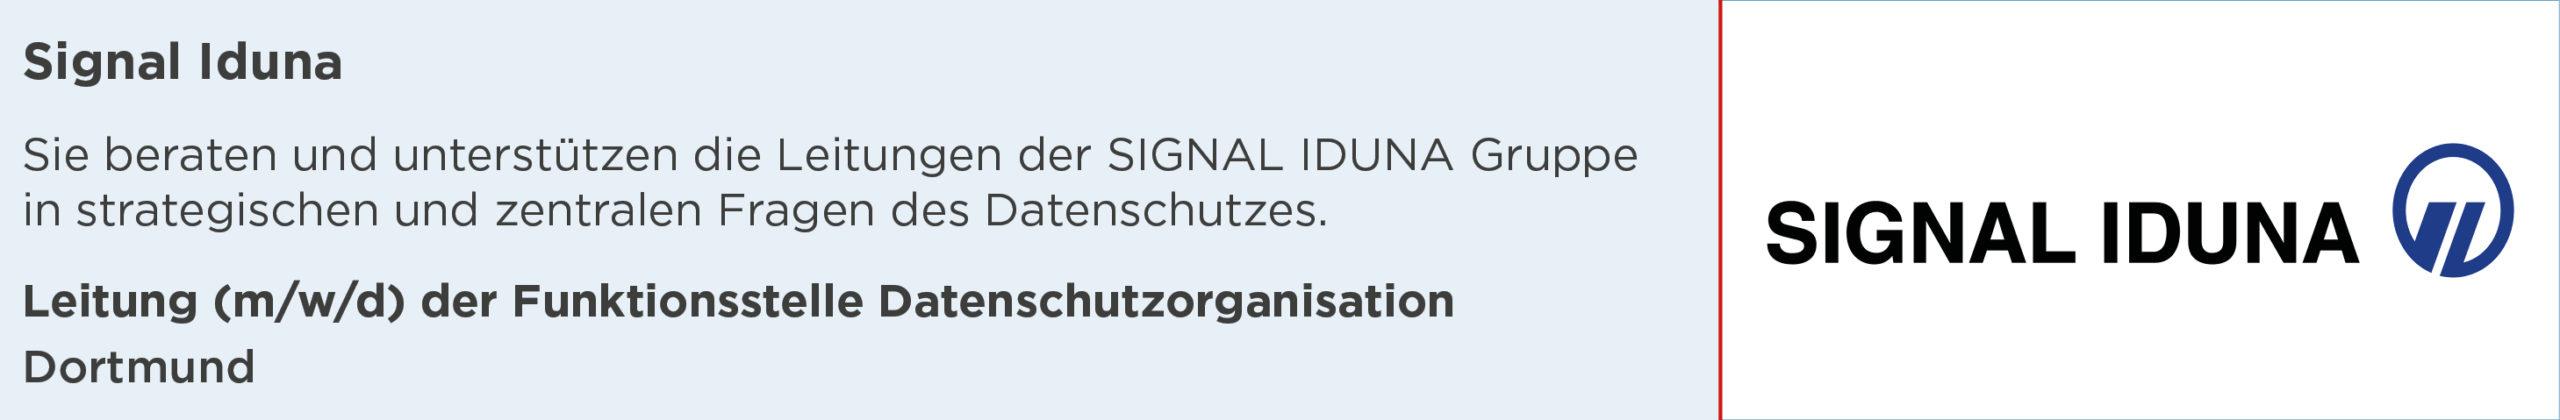 signal Iduna, Leitung, Funktionsstelle, datenschutzorganisation, Stellenanzeige, dortmund